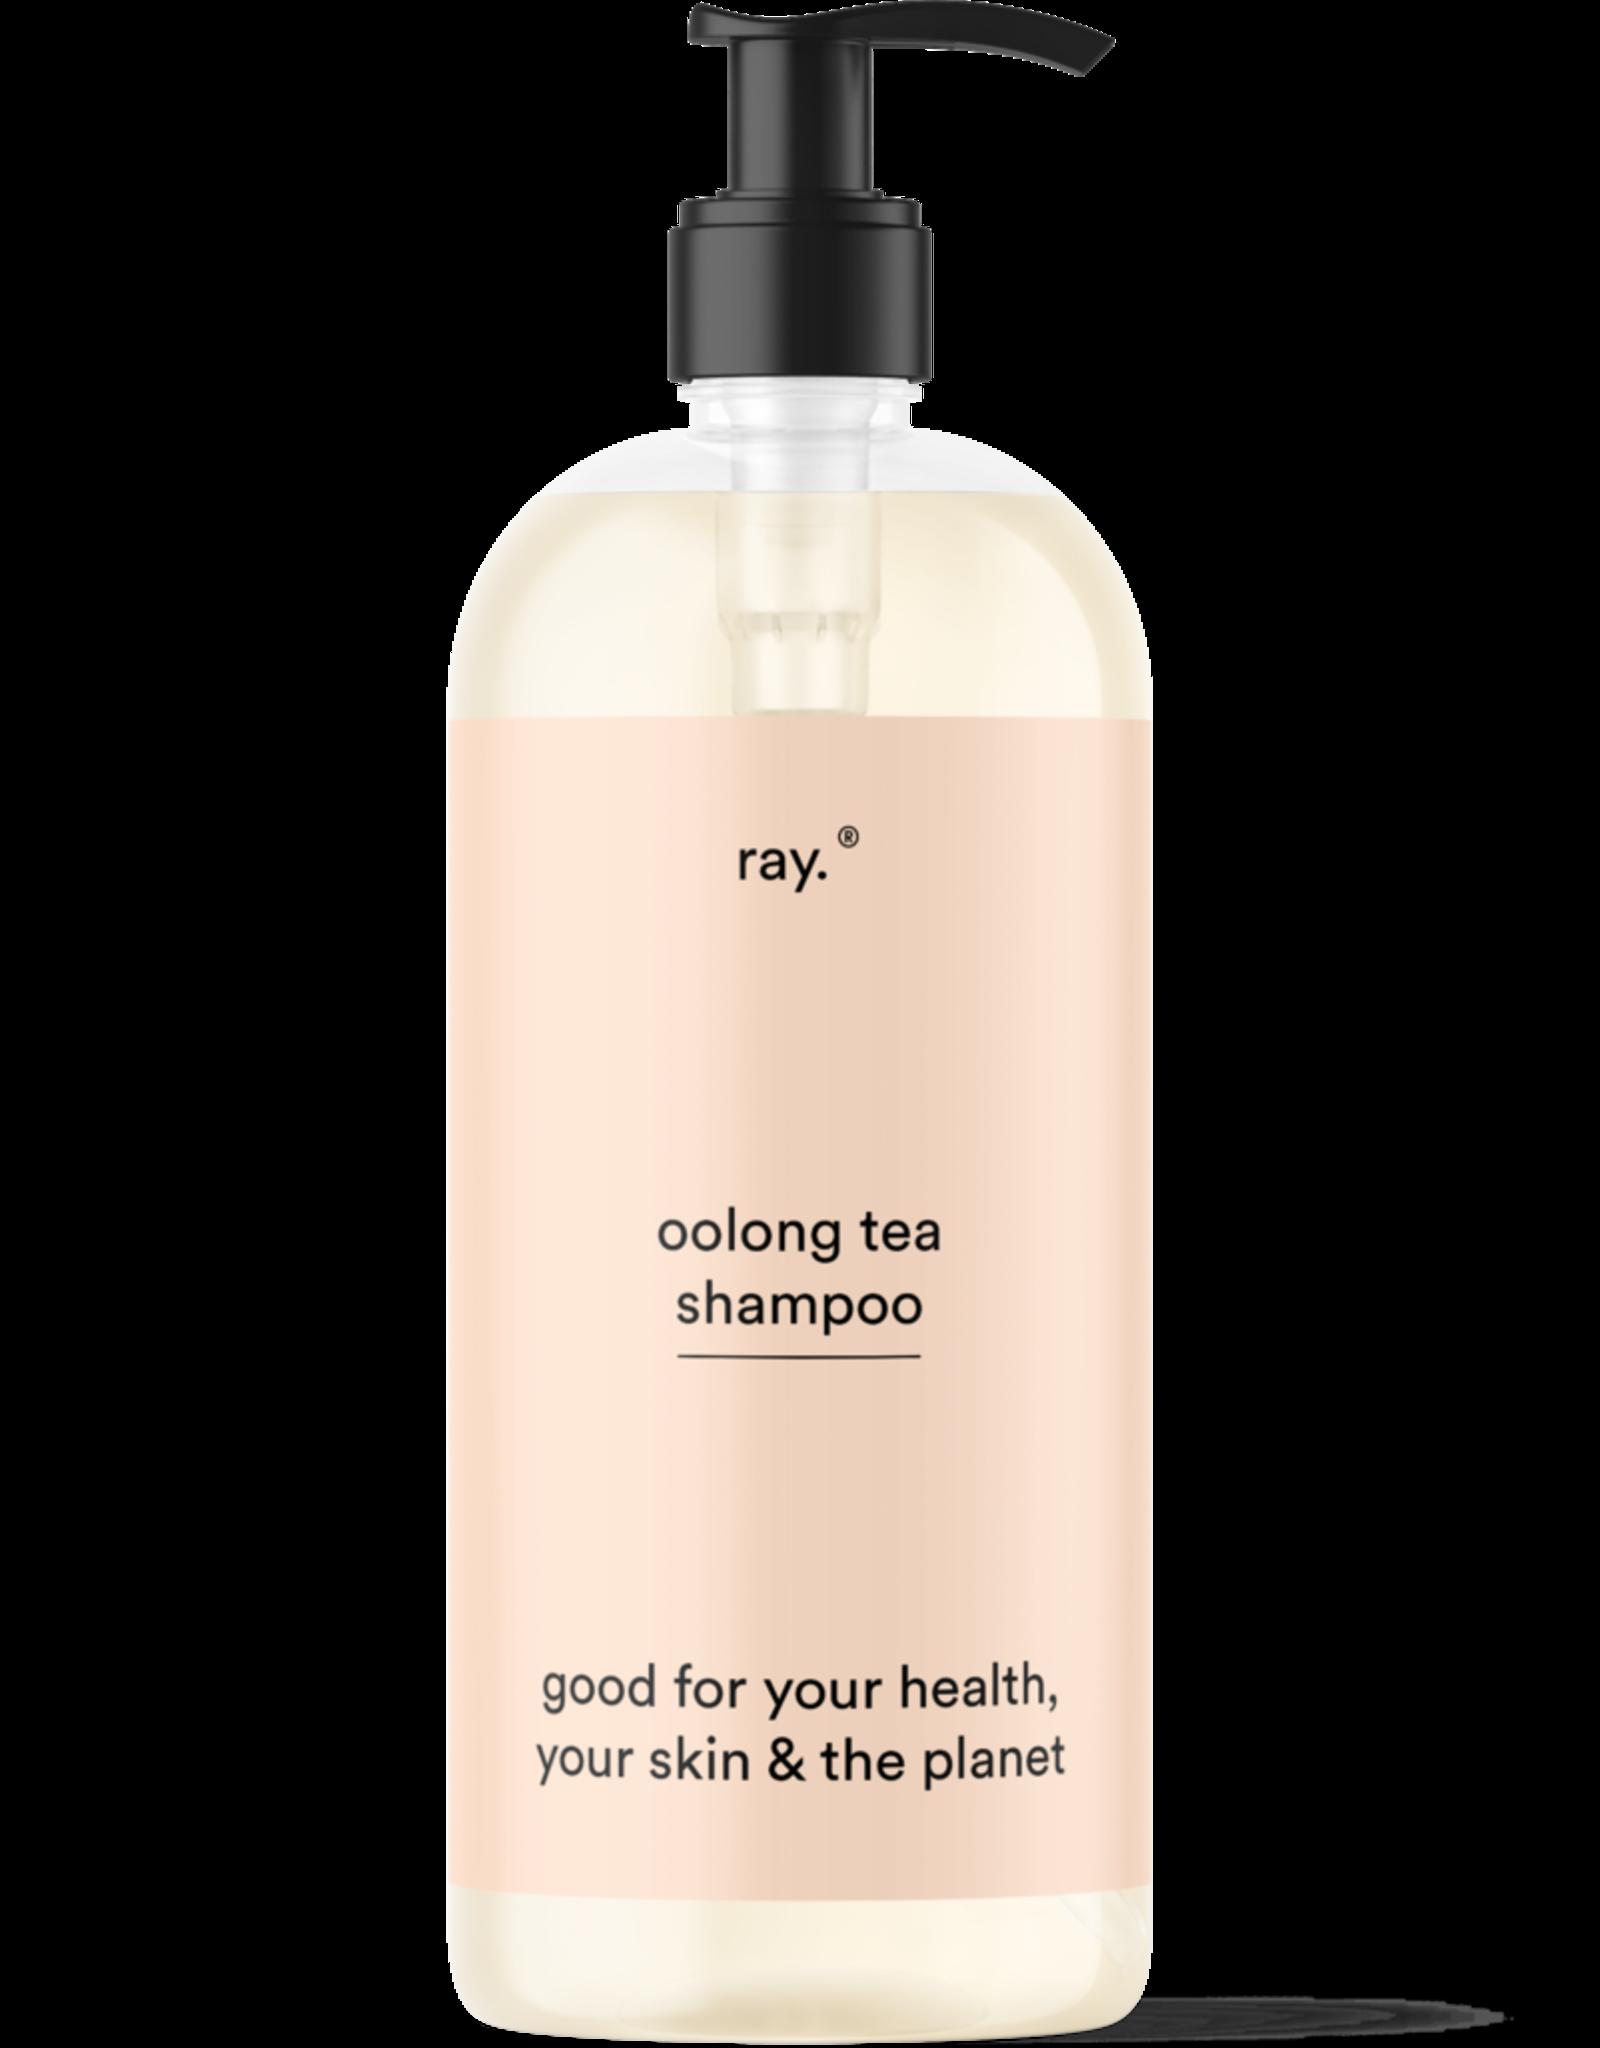 ray Shampoo - 500ml - Oolong Tea